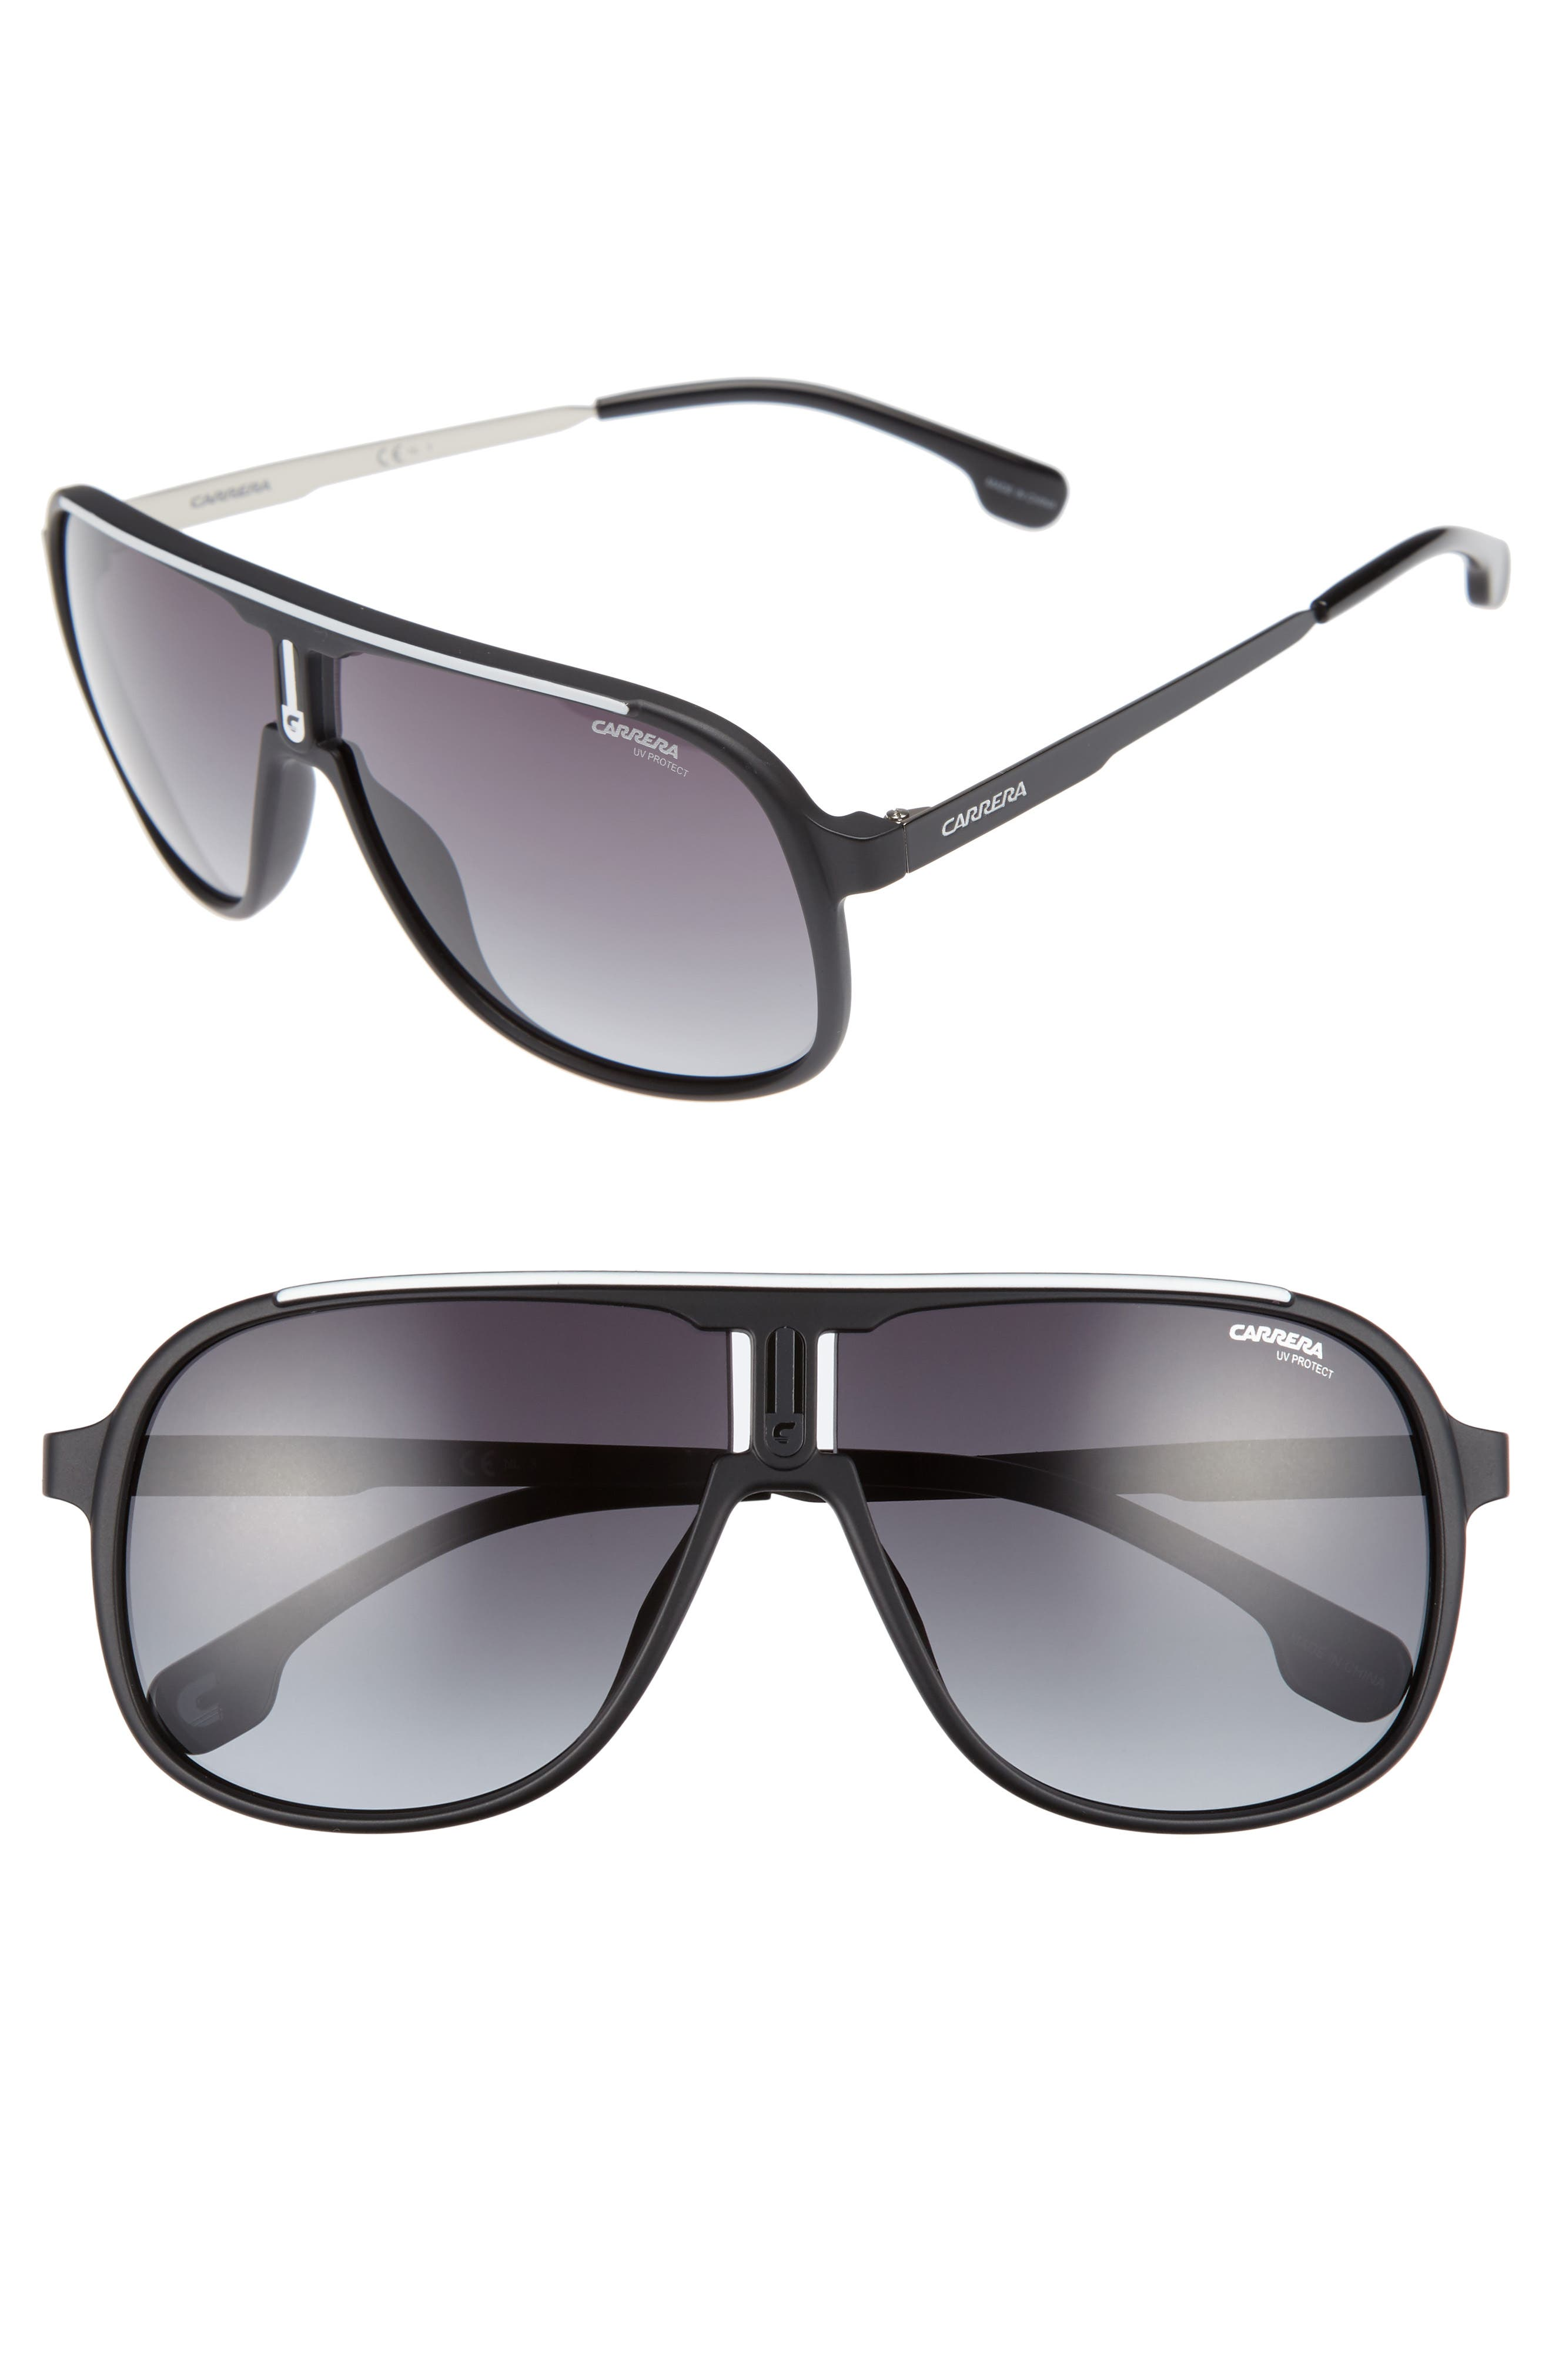 62mm Sunglasses,                         Main,                         color, Matte Black